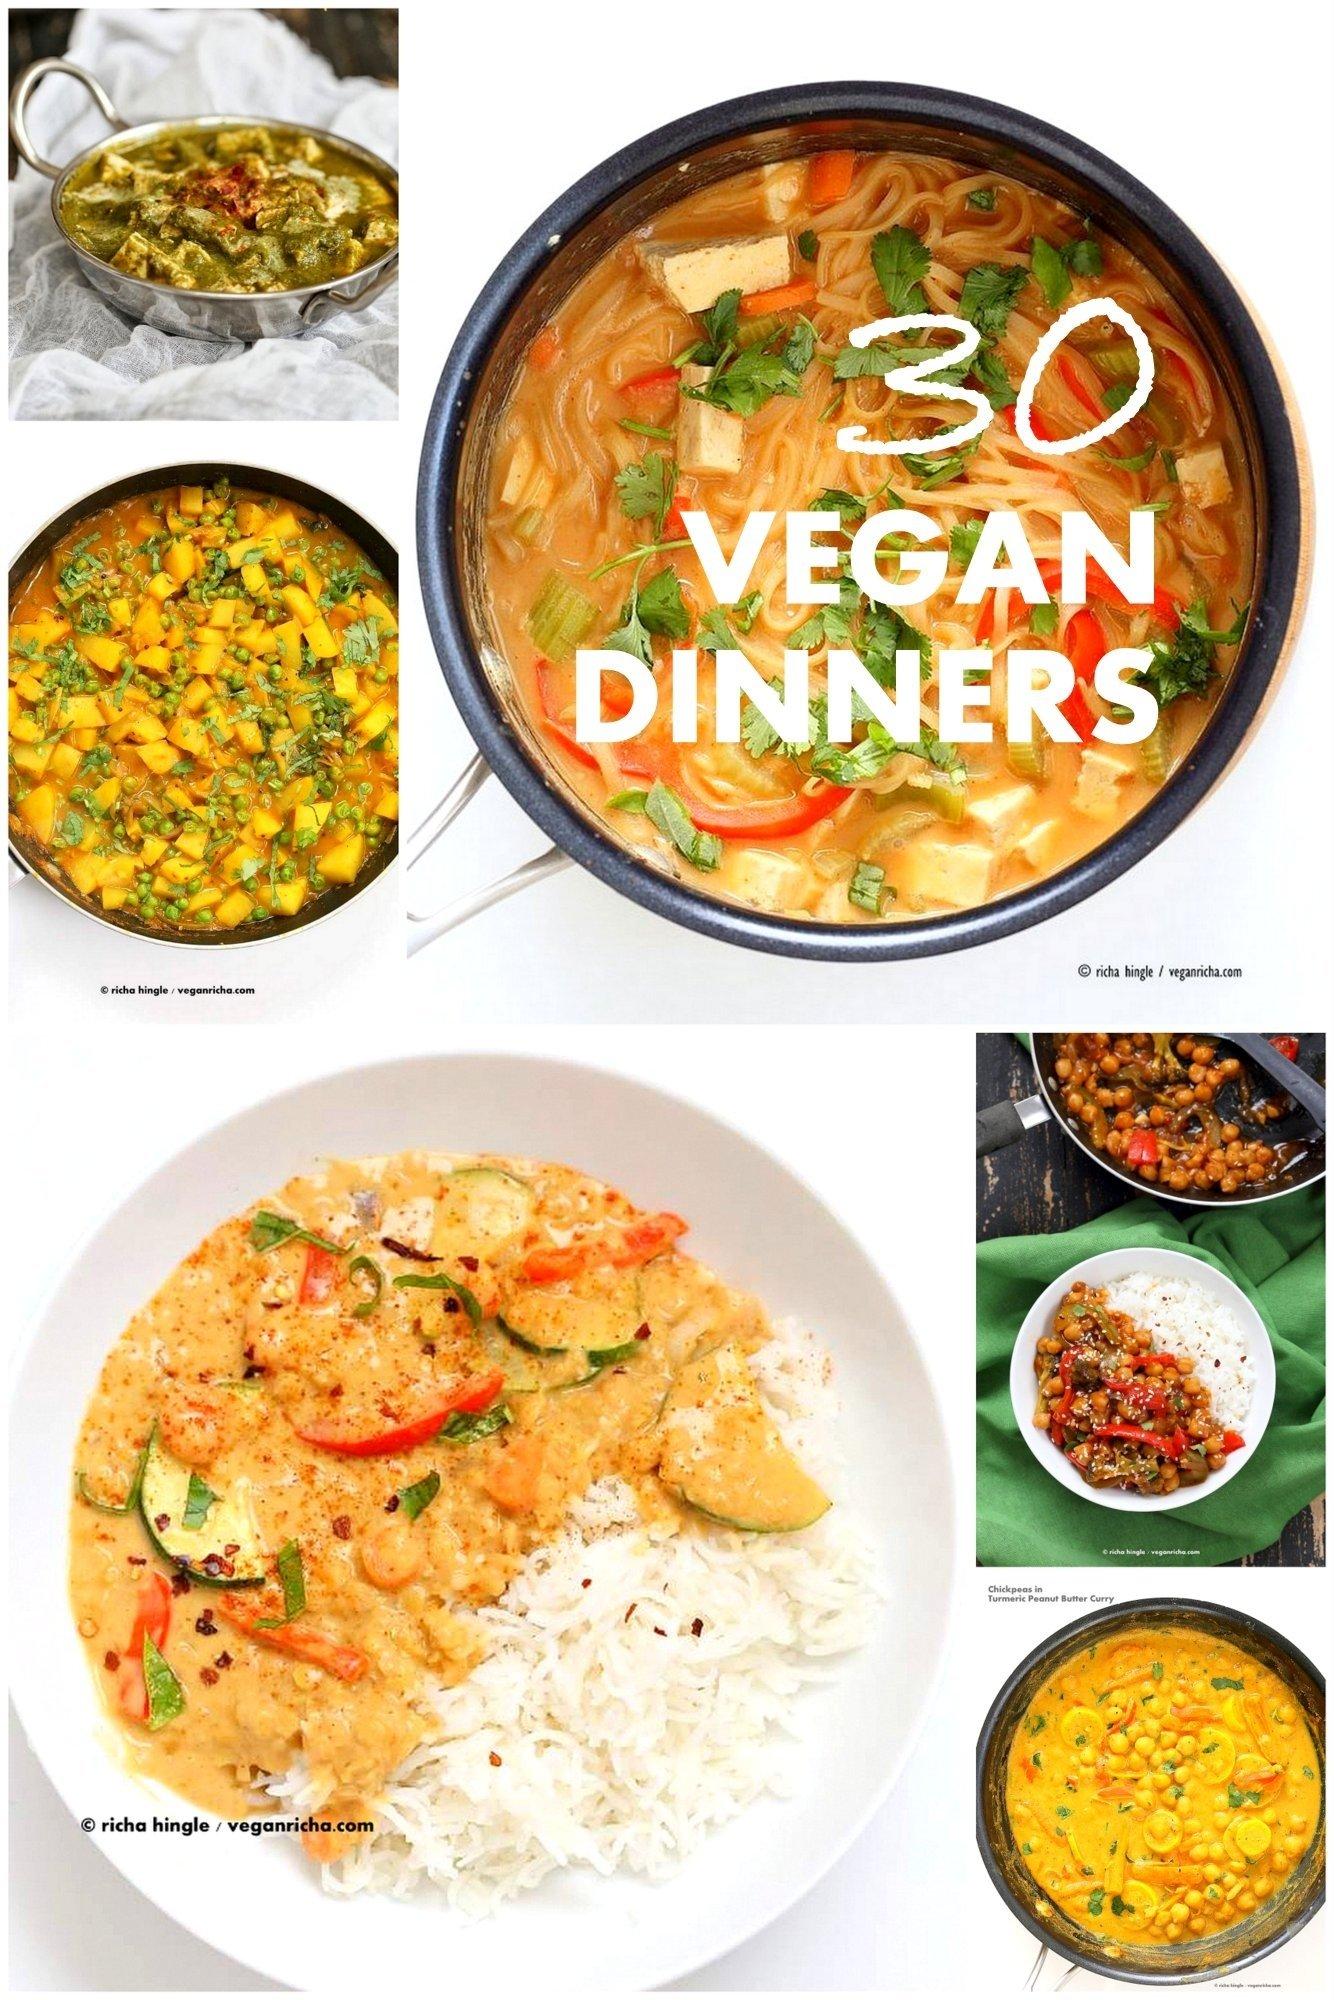 10 Unique Dinner Ideas Quick And Easy 30 easy vegan dinner recipes vegan richa 1